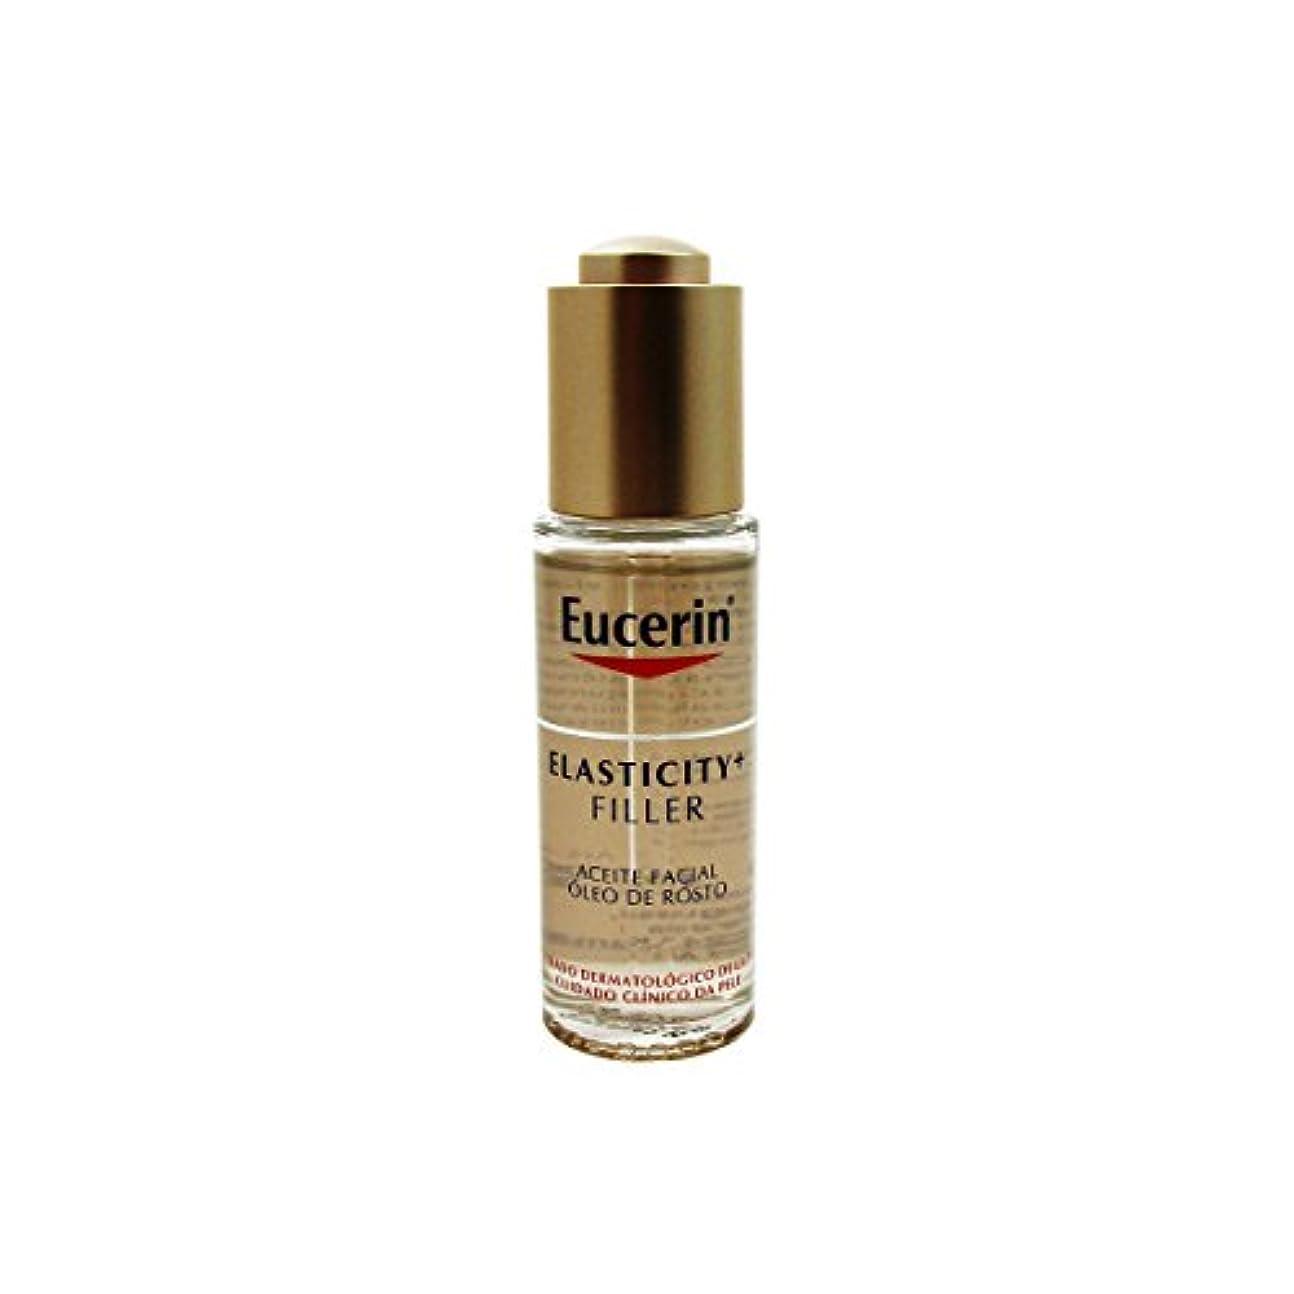 Eucerin Elasticity Filler Facial Oil 30ml [並行輸入品]